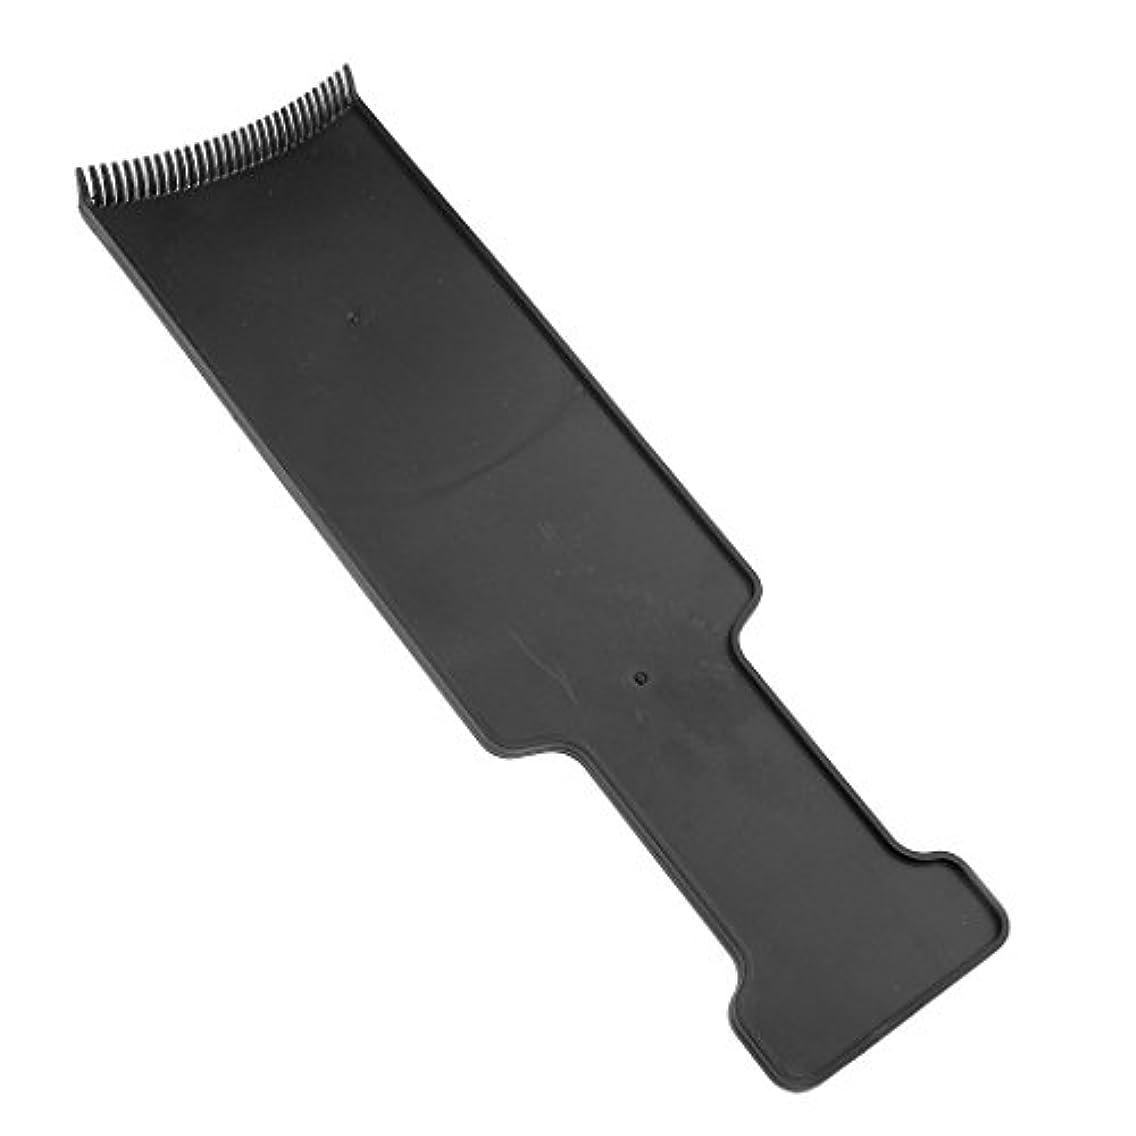 望ましいグラフカバレッジヘアカラー ボード 髪 染色 ツール ブラック 全4サイズ - M